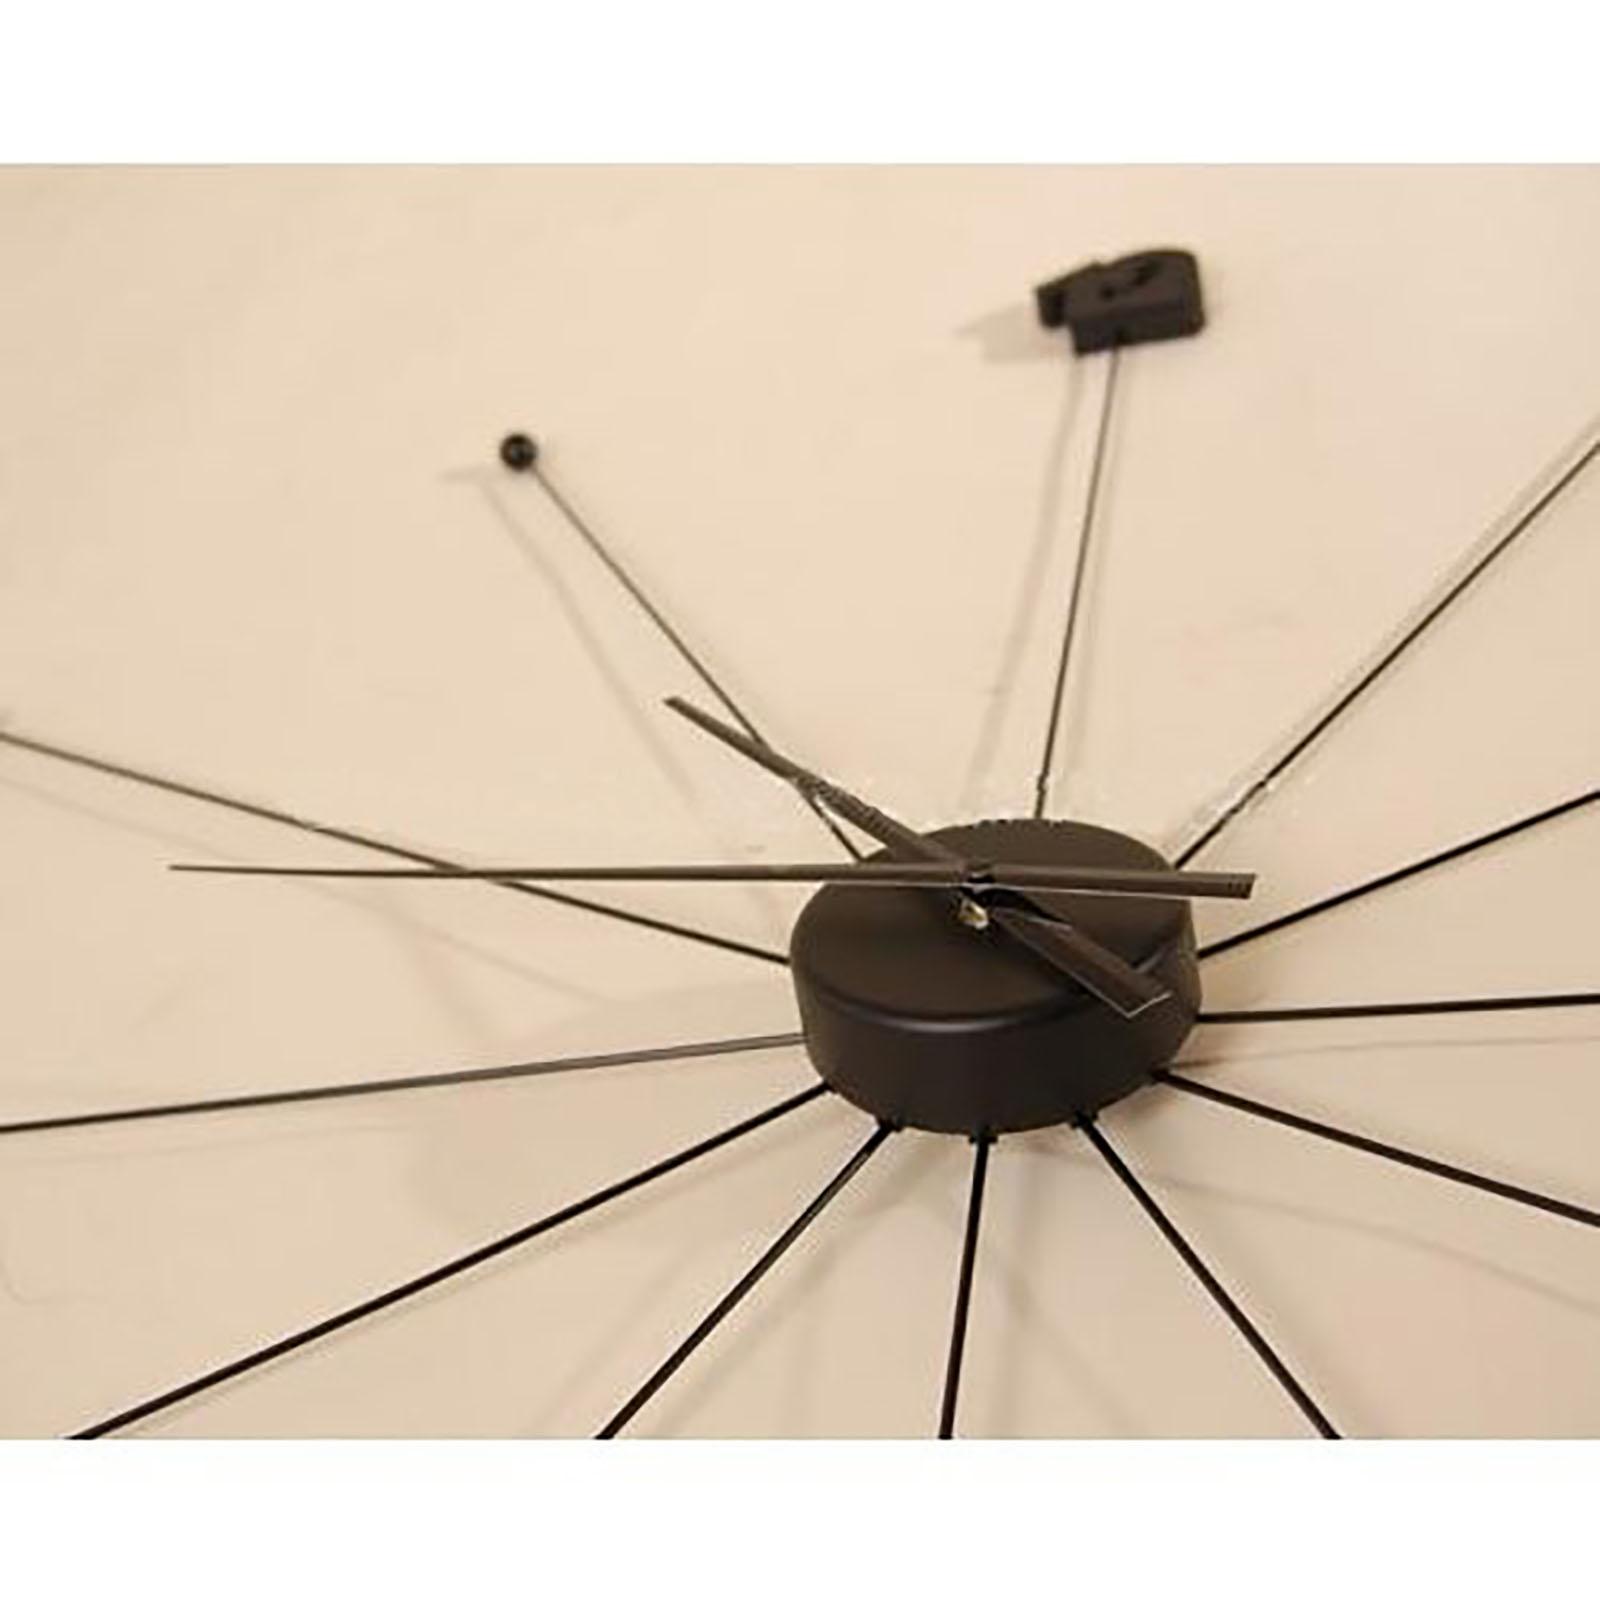 Riesige design wanduhr umbrella 99cm schwarz - Design wanduhr ...